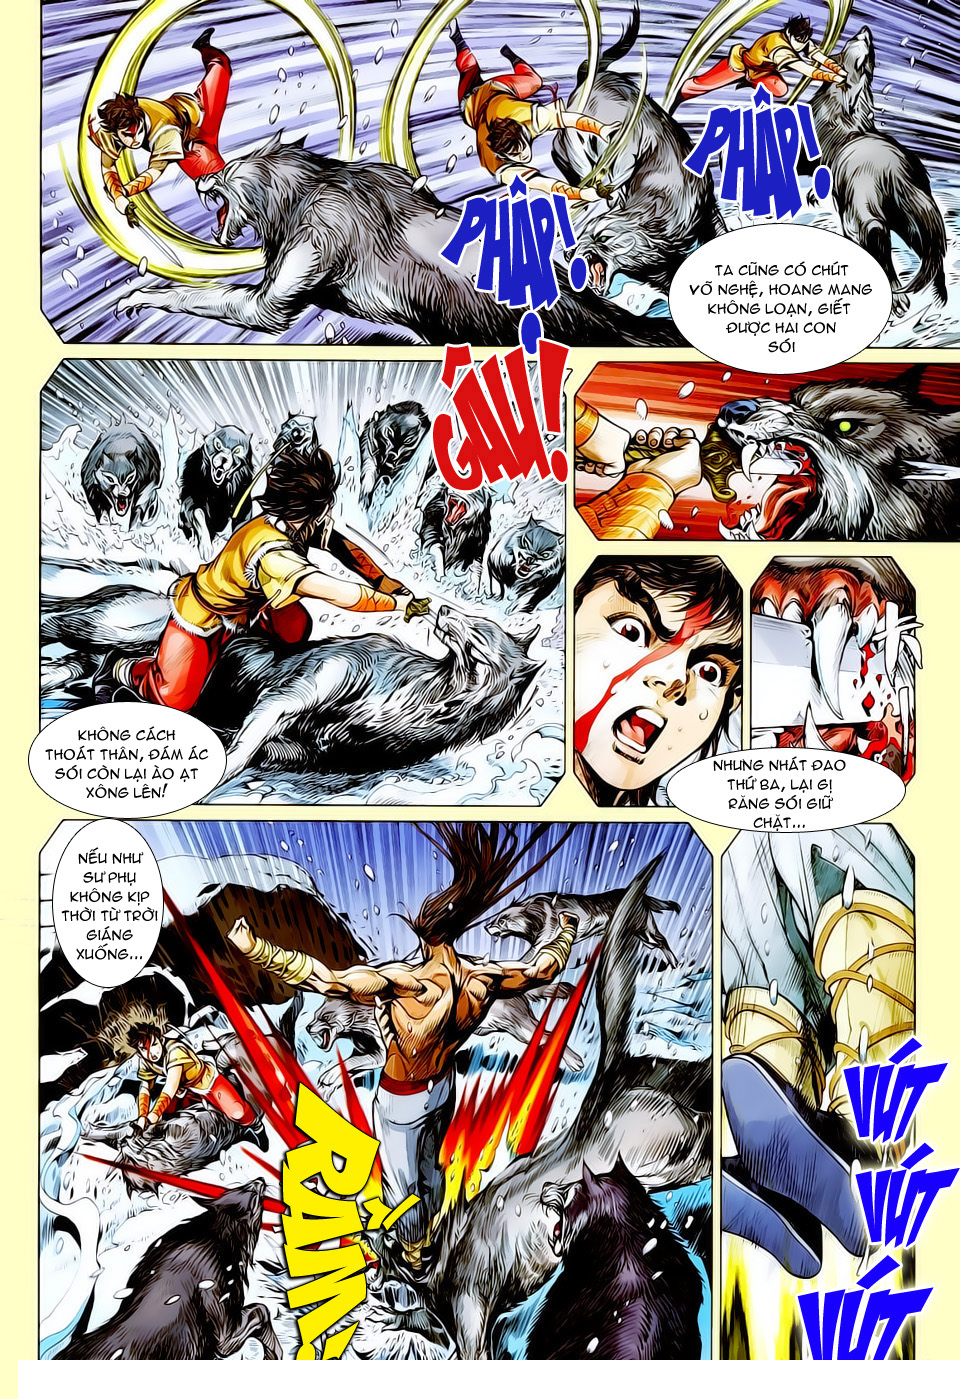 truyện tranh thiết tướng tung hoành Chapter 16/